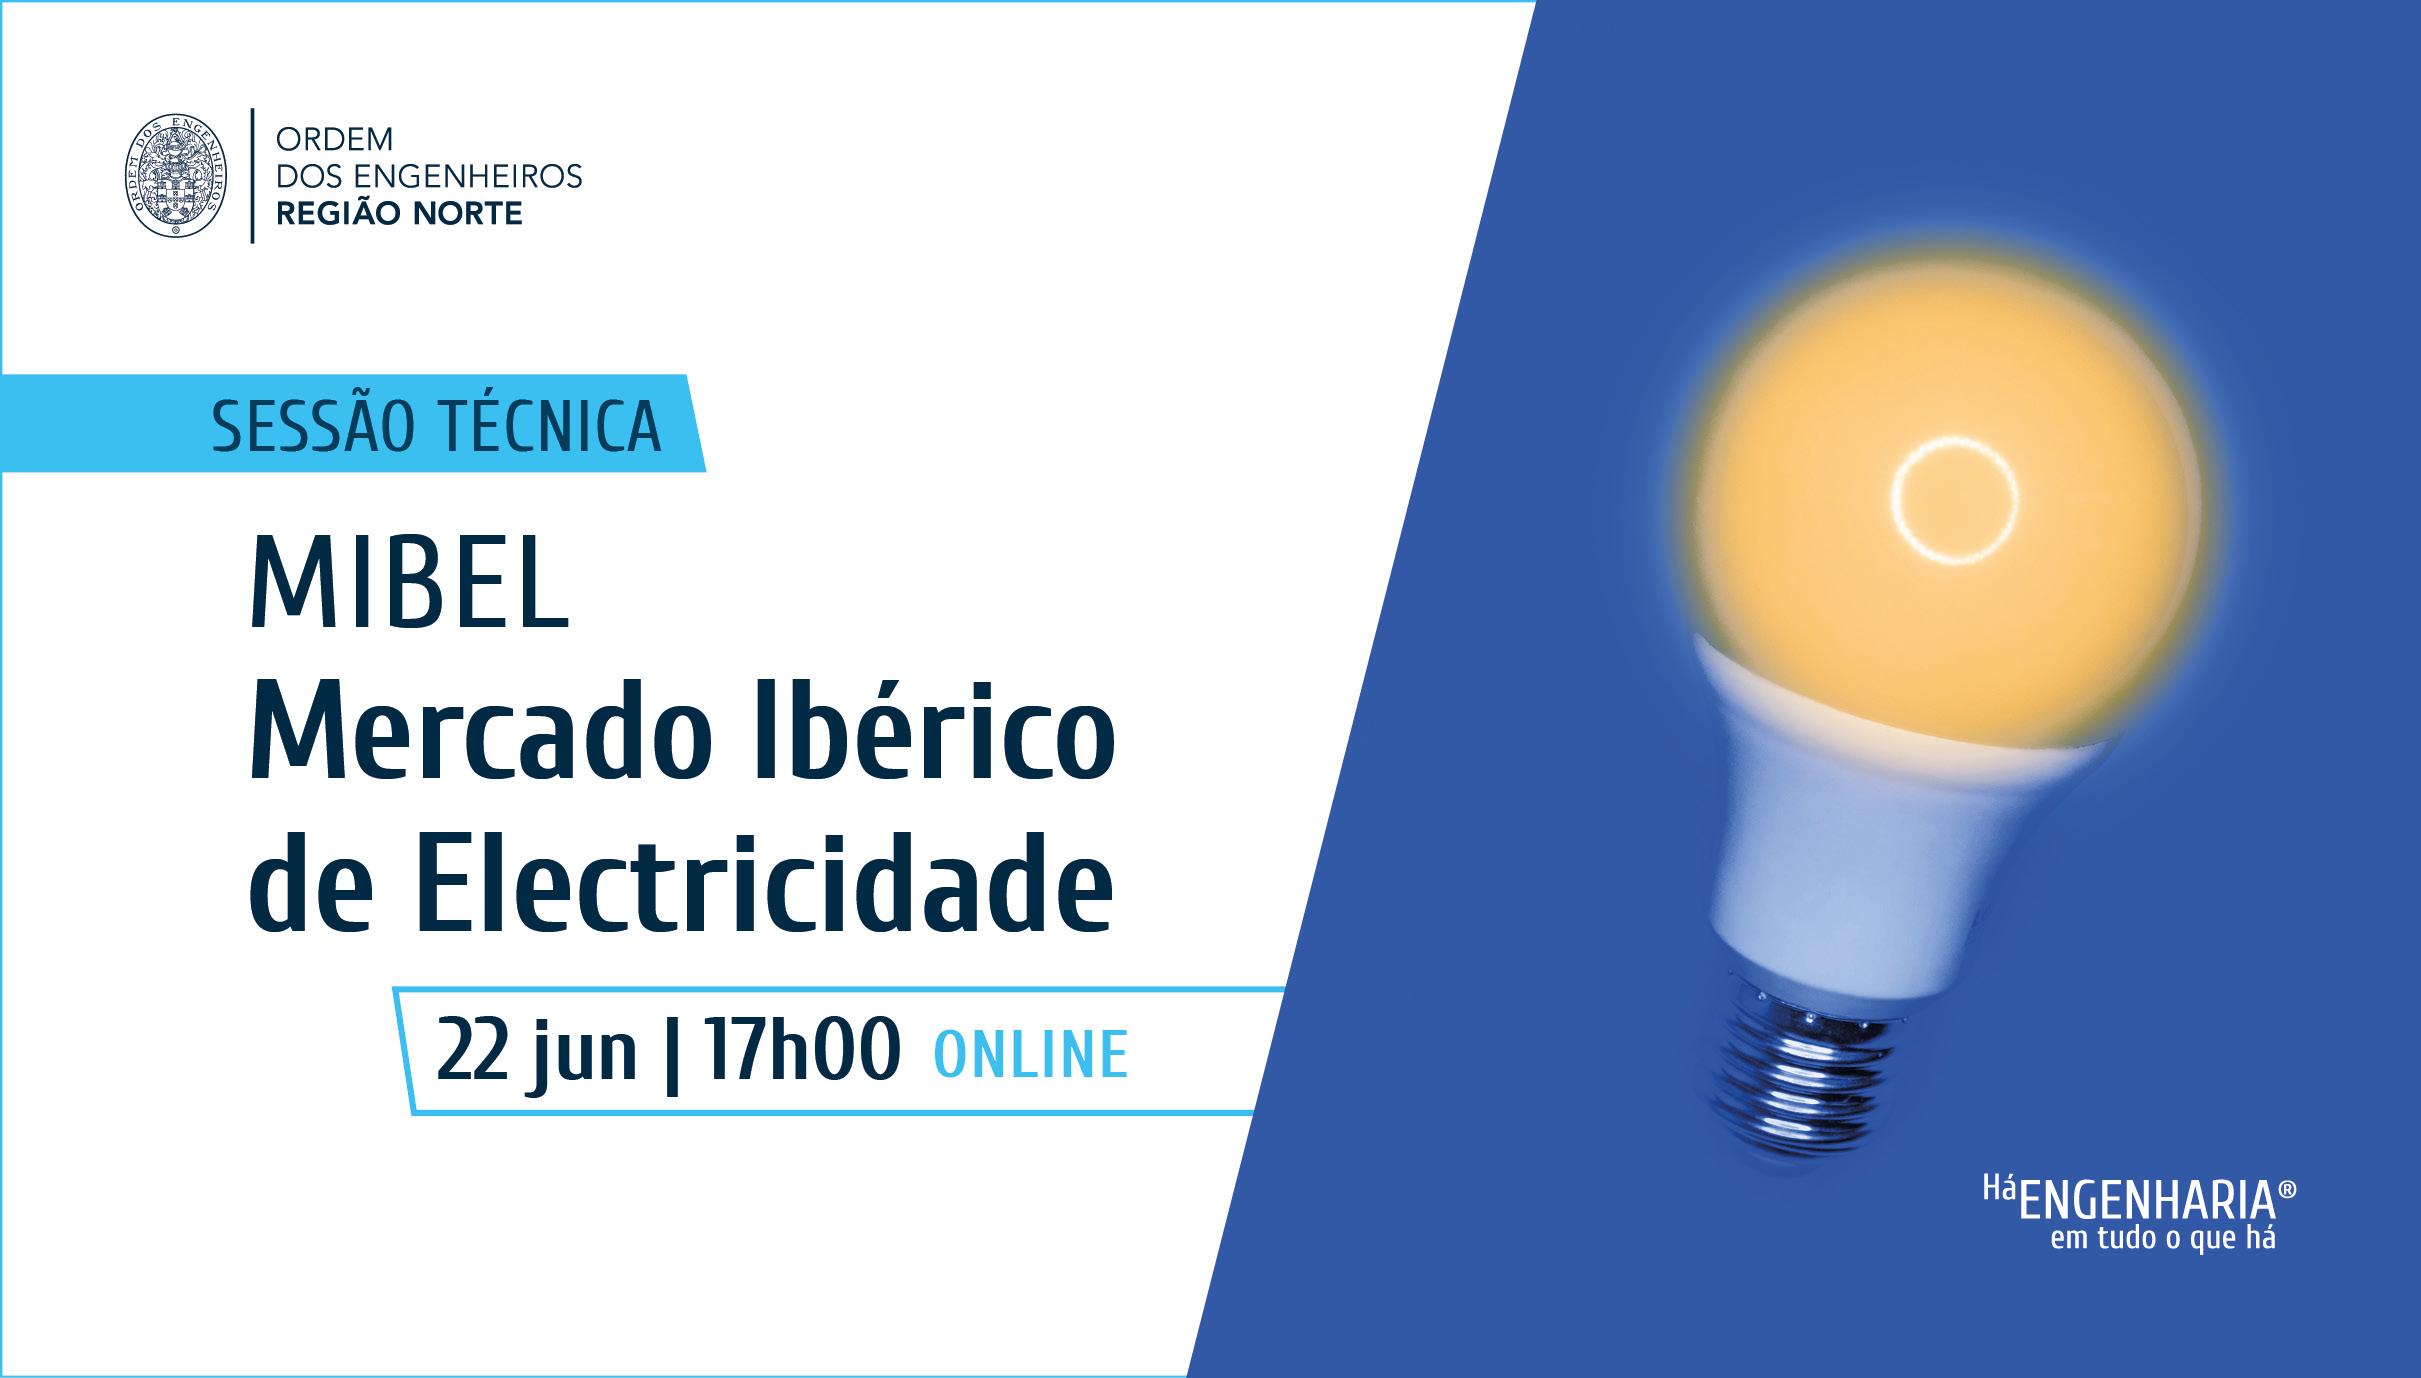 Plataforma Notícias Ordem Engenheiros Região Norte - Sessão técnica sobre o Mercado Ibérico de Eletricidade